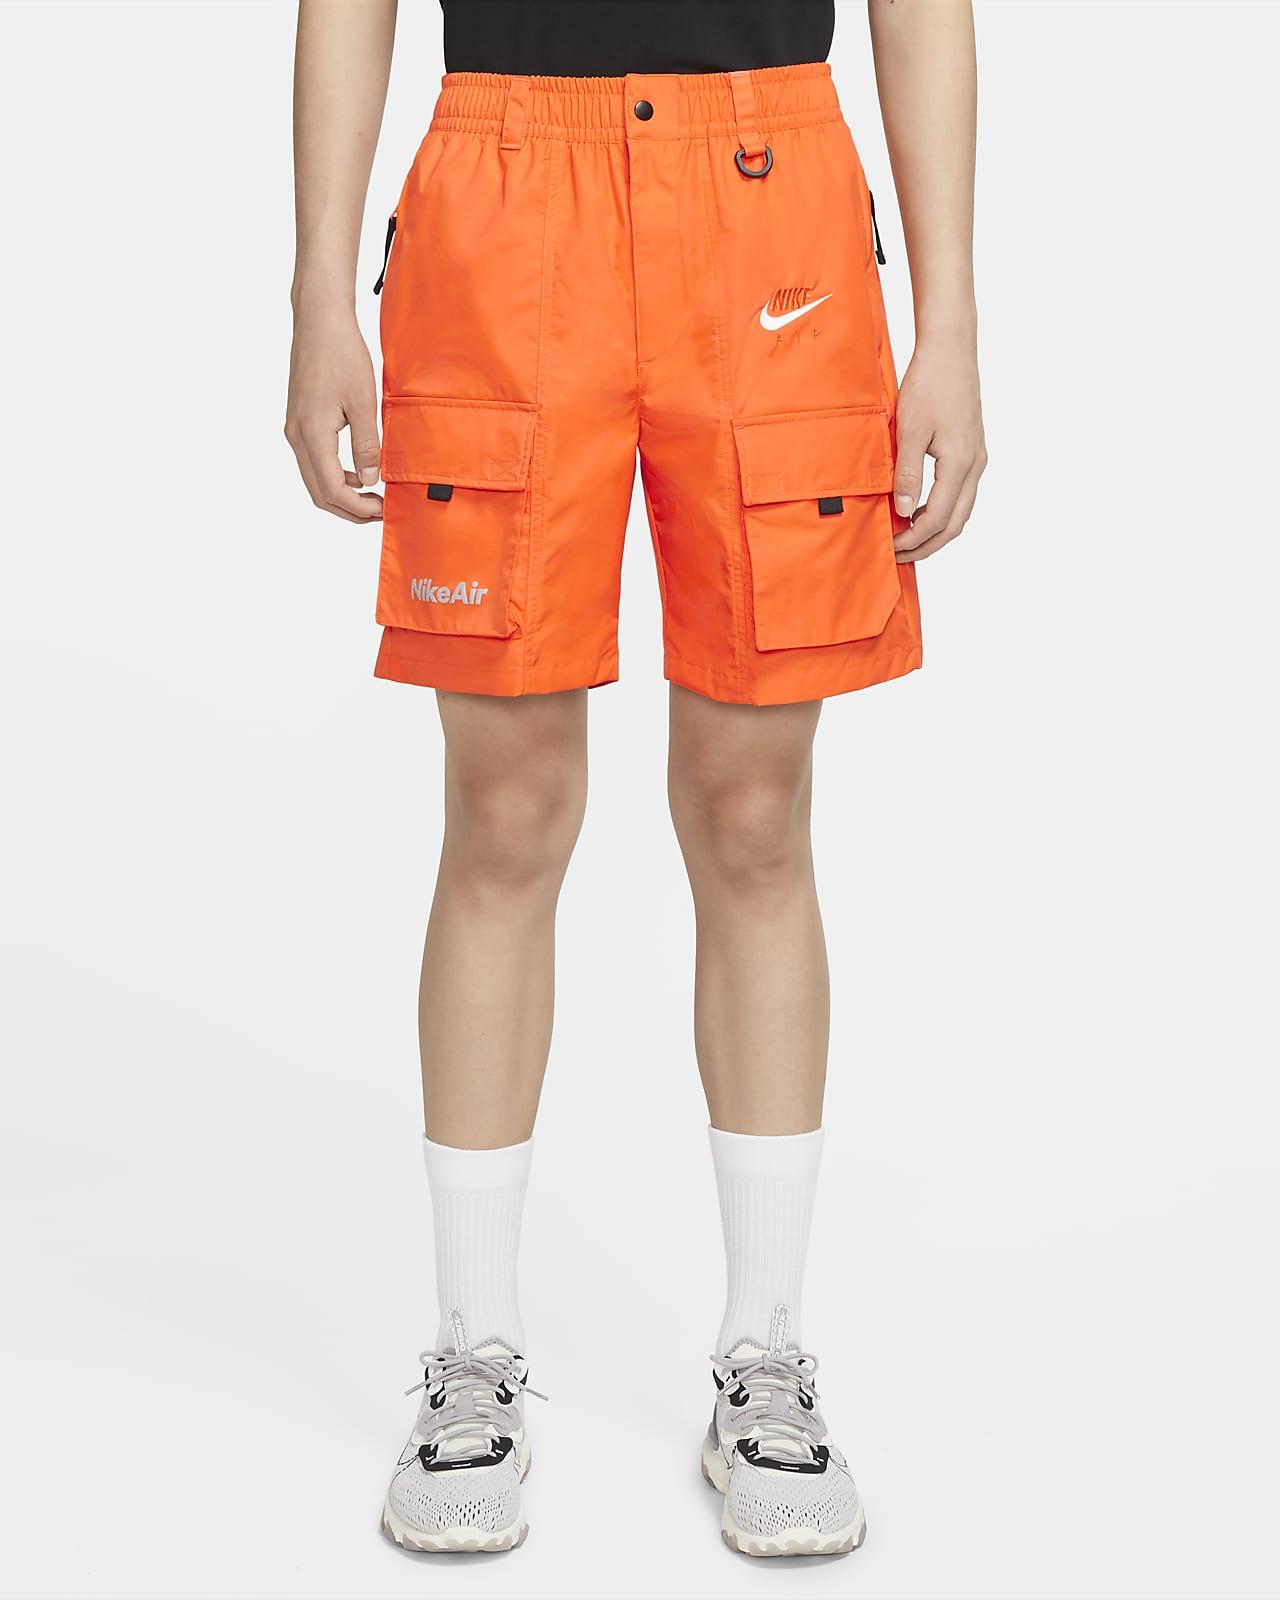 Nike Air Men's Shorts. Nike.com